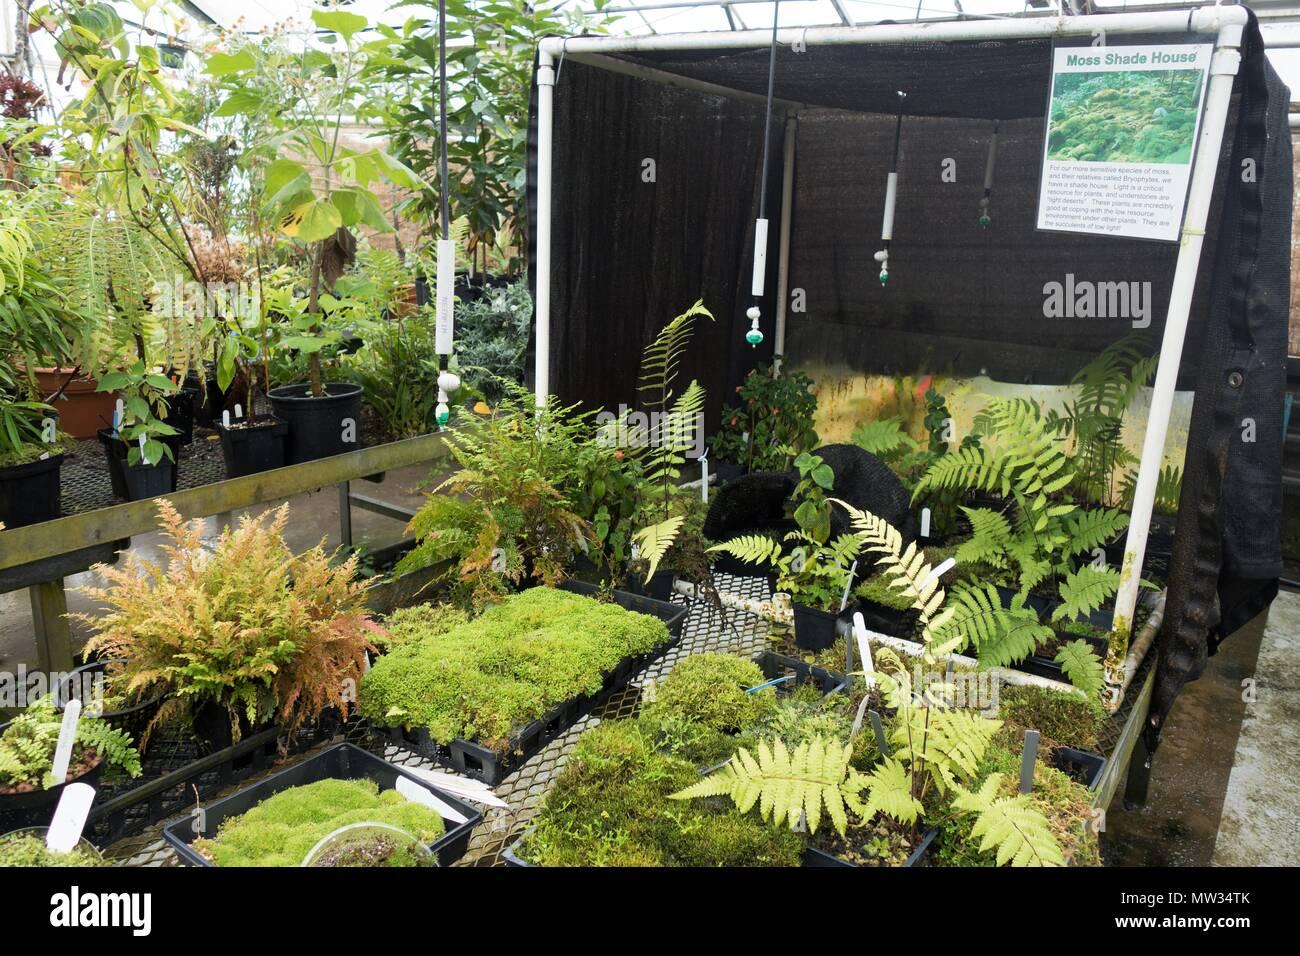 Eine MOSS-Schatten Haus, für wachsende empfindlichen Arten von Moos und Moosen, die an der biologischen Wissenschaften Gewächshaus an der Universität von Minnesota, USA. Stockbild